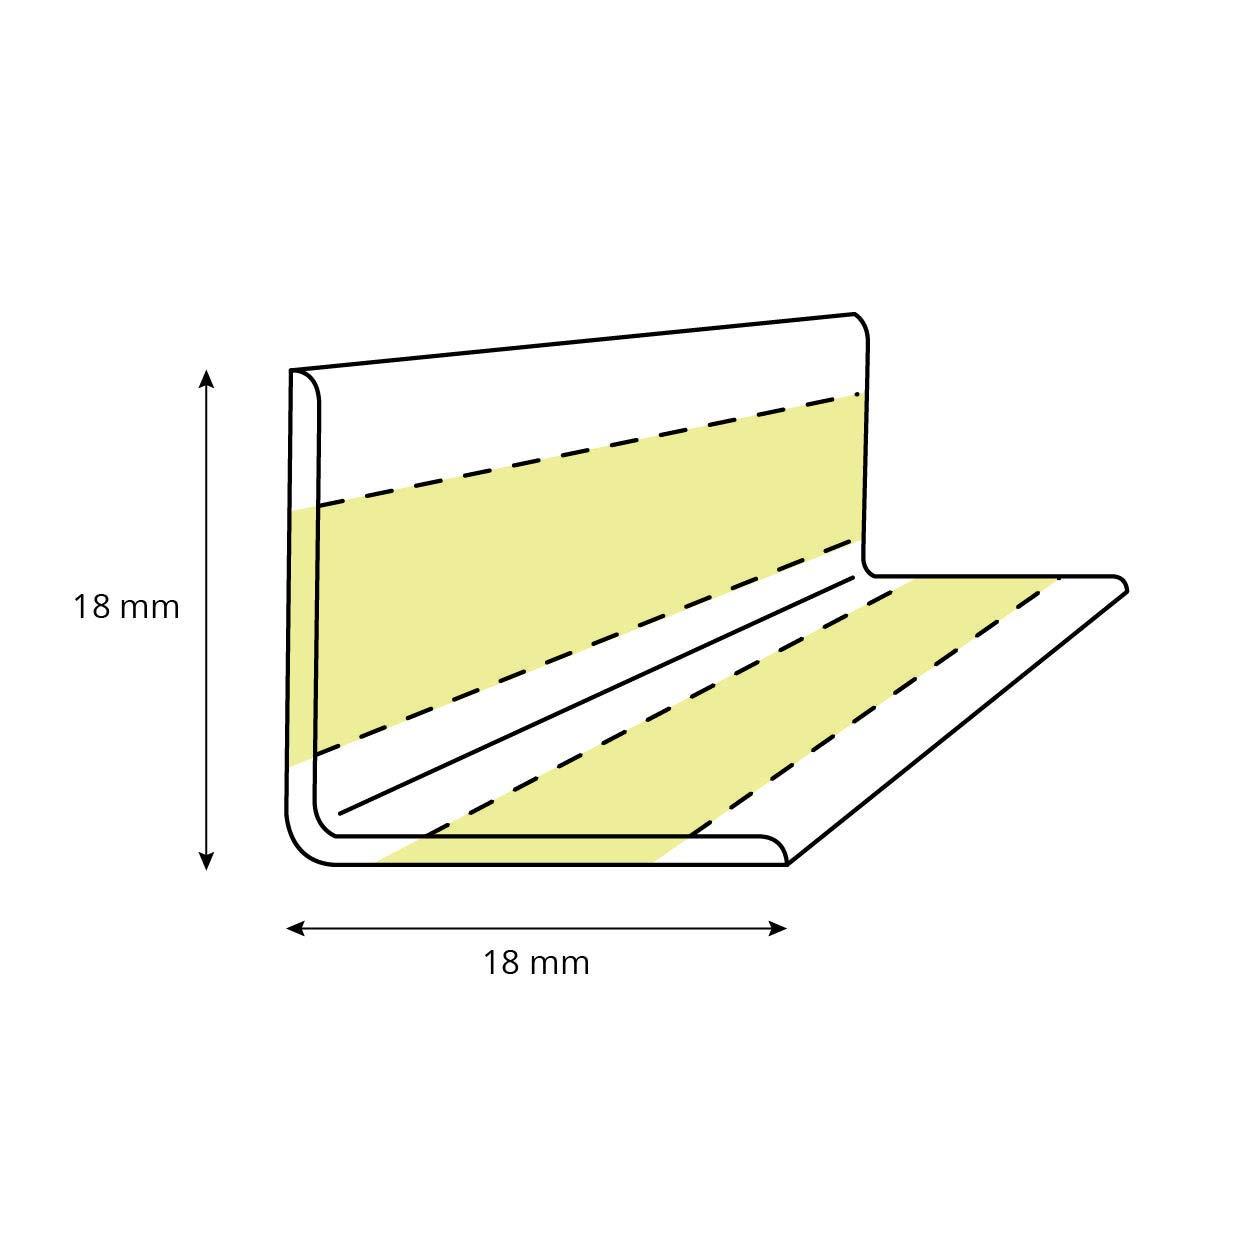 18x18mm Wei/ß Knickleiste f/ür Sanit/är Material: PVC 5 Meter STEIGNER Weichsockelleiste selbstklebend